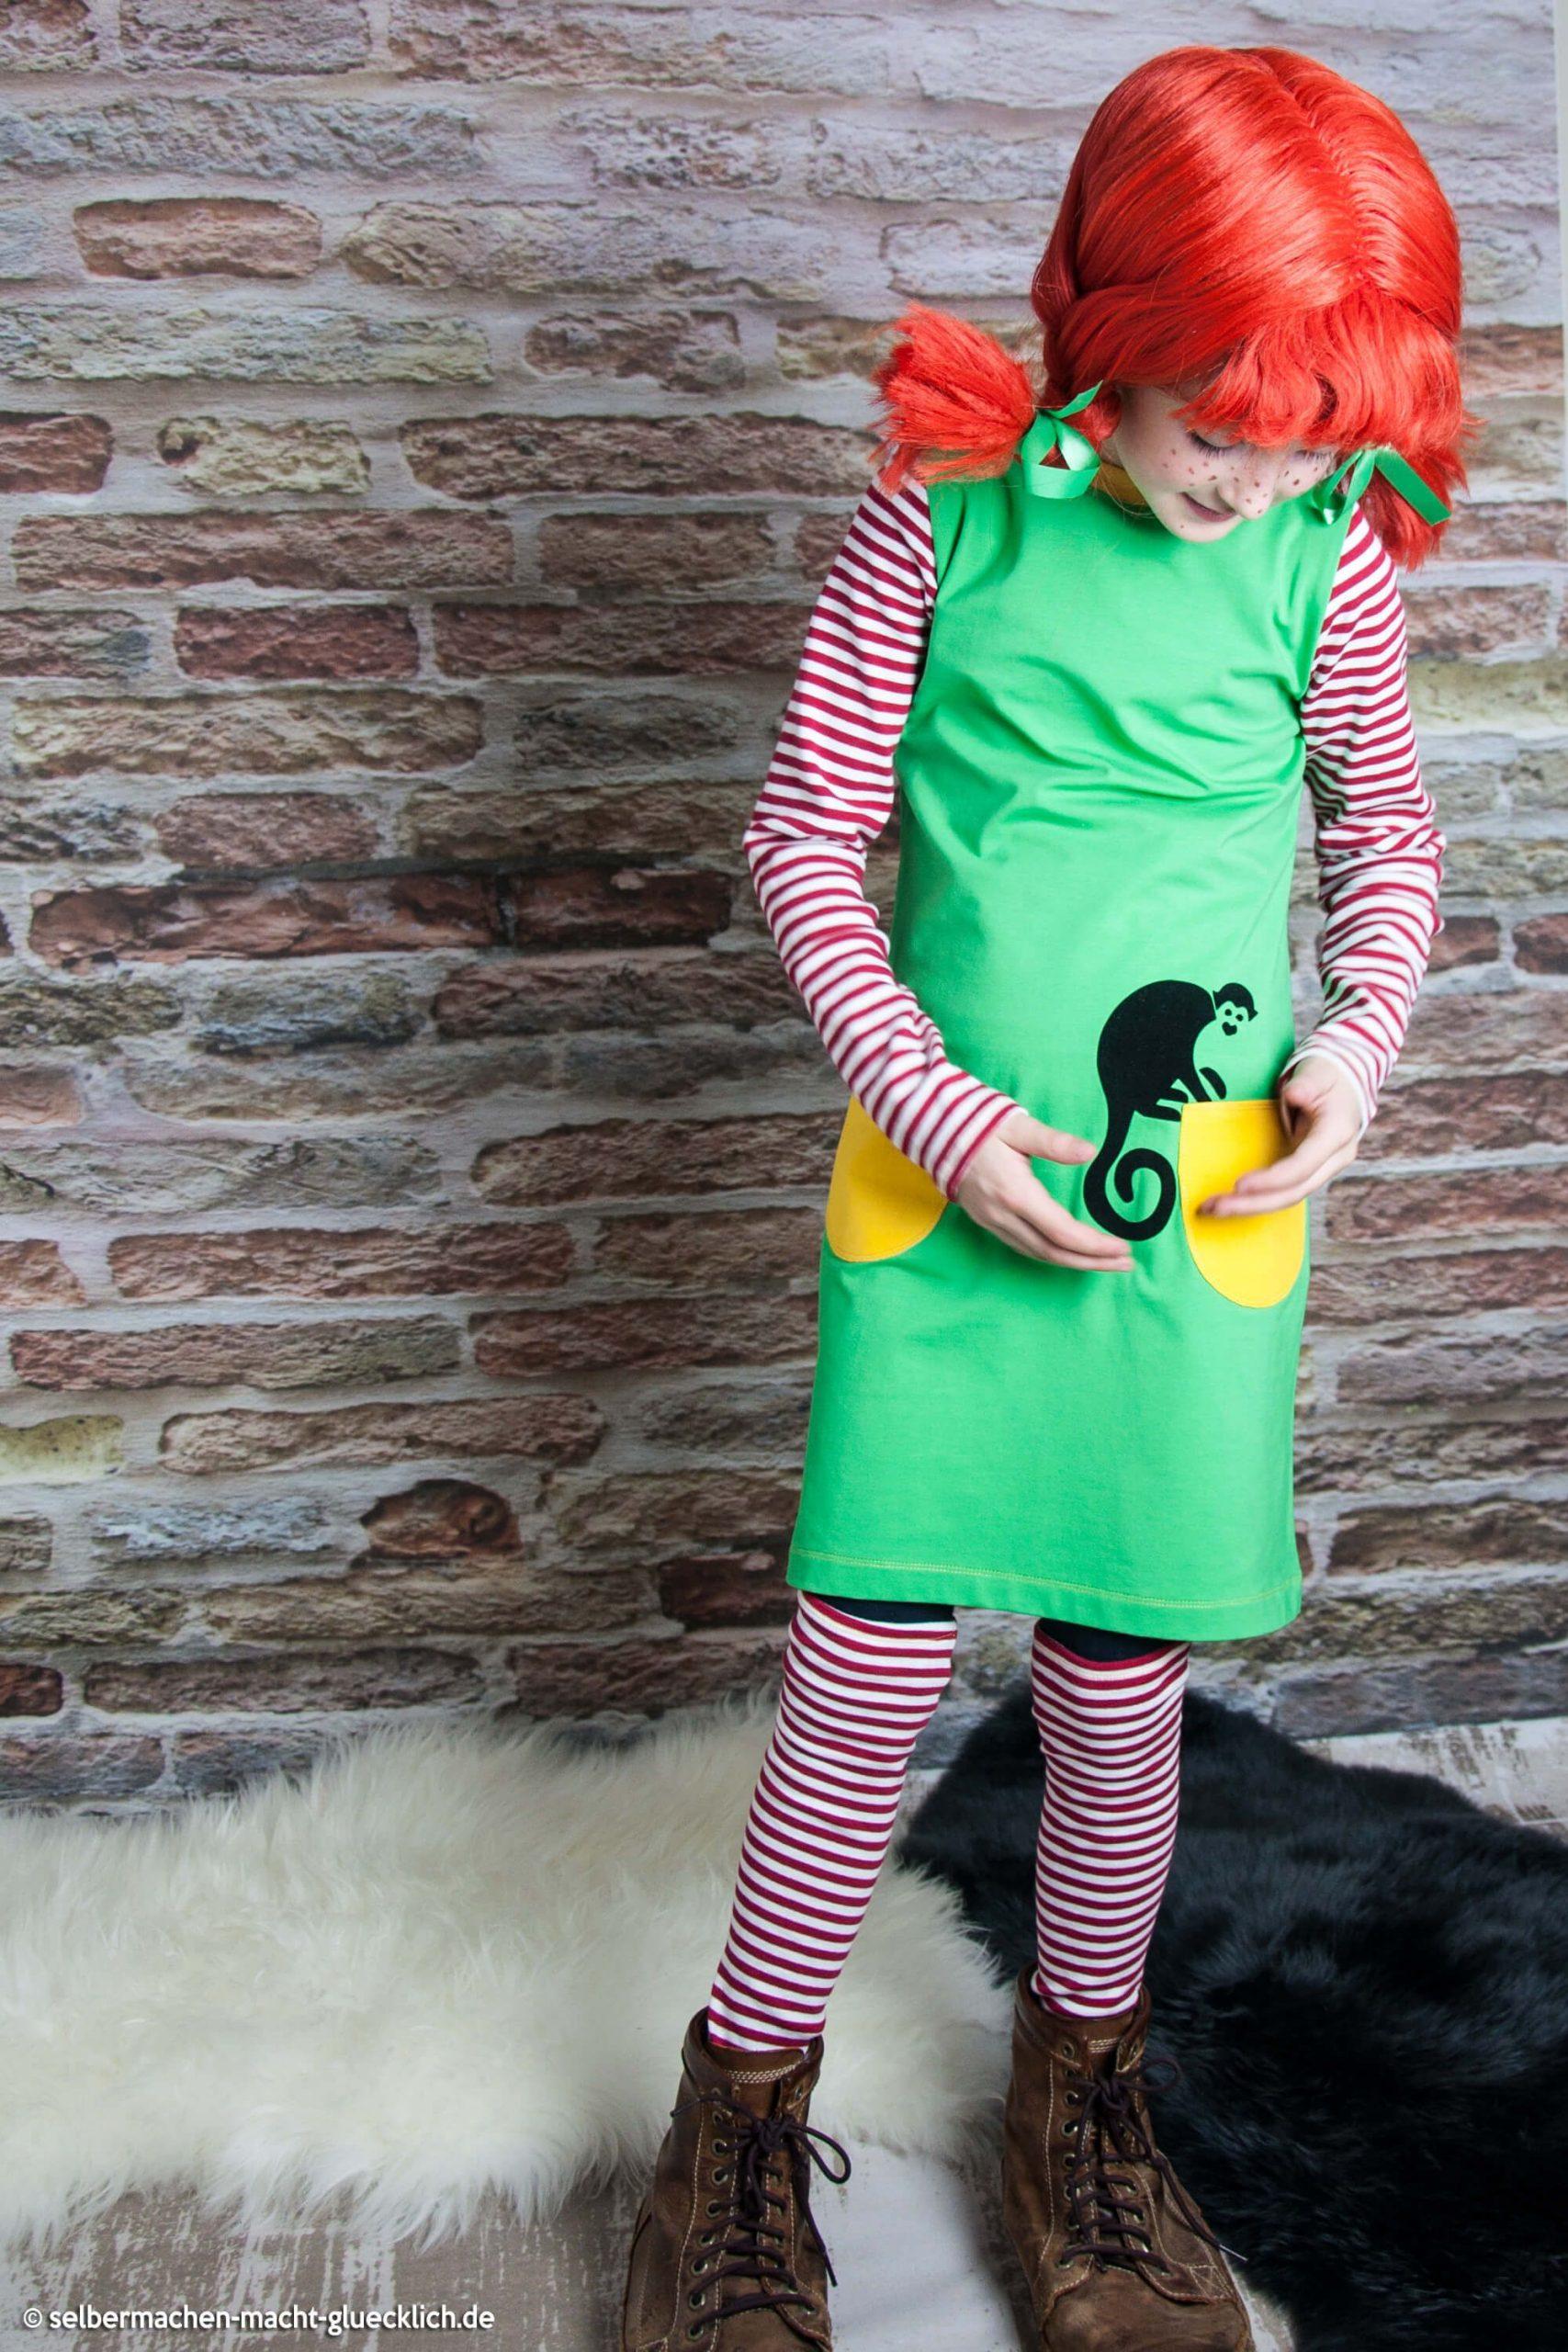 So Nähst Du Ein Pippi Langstrumpf Kostüm Einfach Selber verwandt mit Pippi Langstrumpf Kostüm Selber Nähen